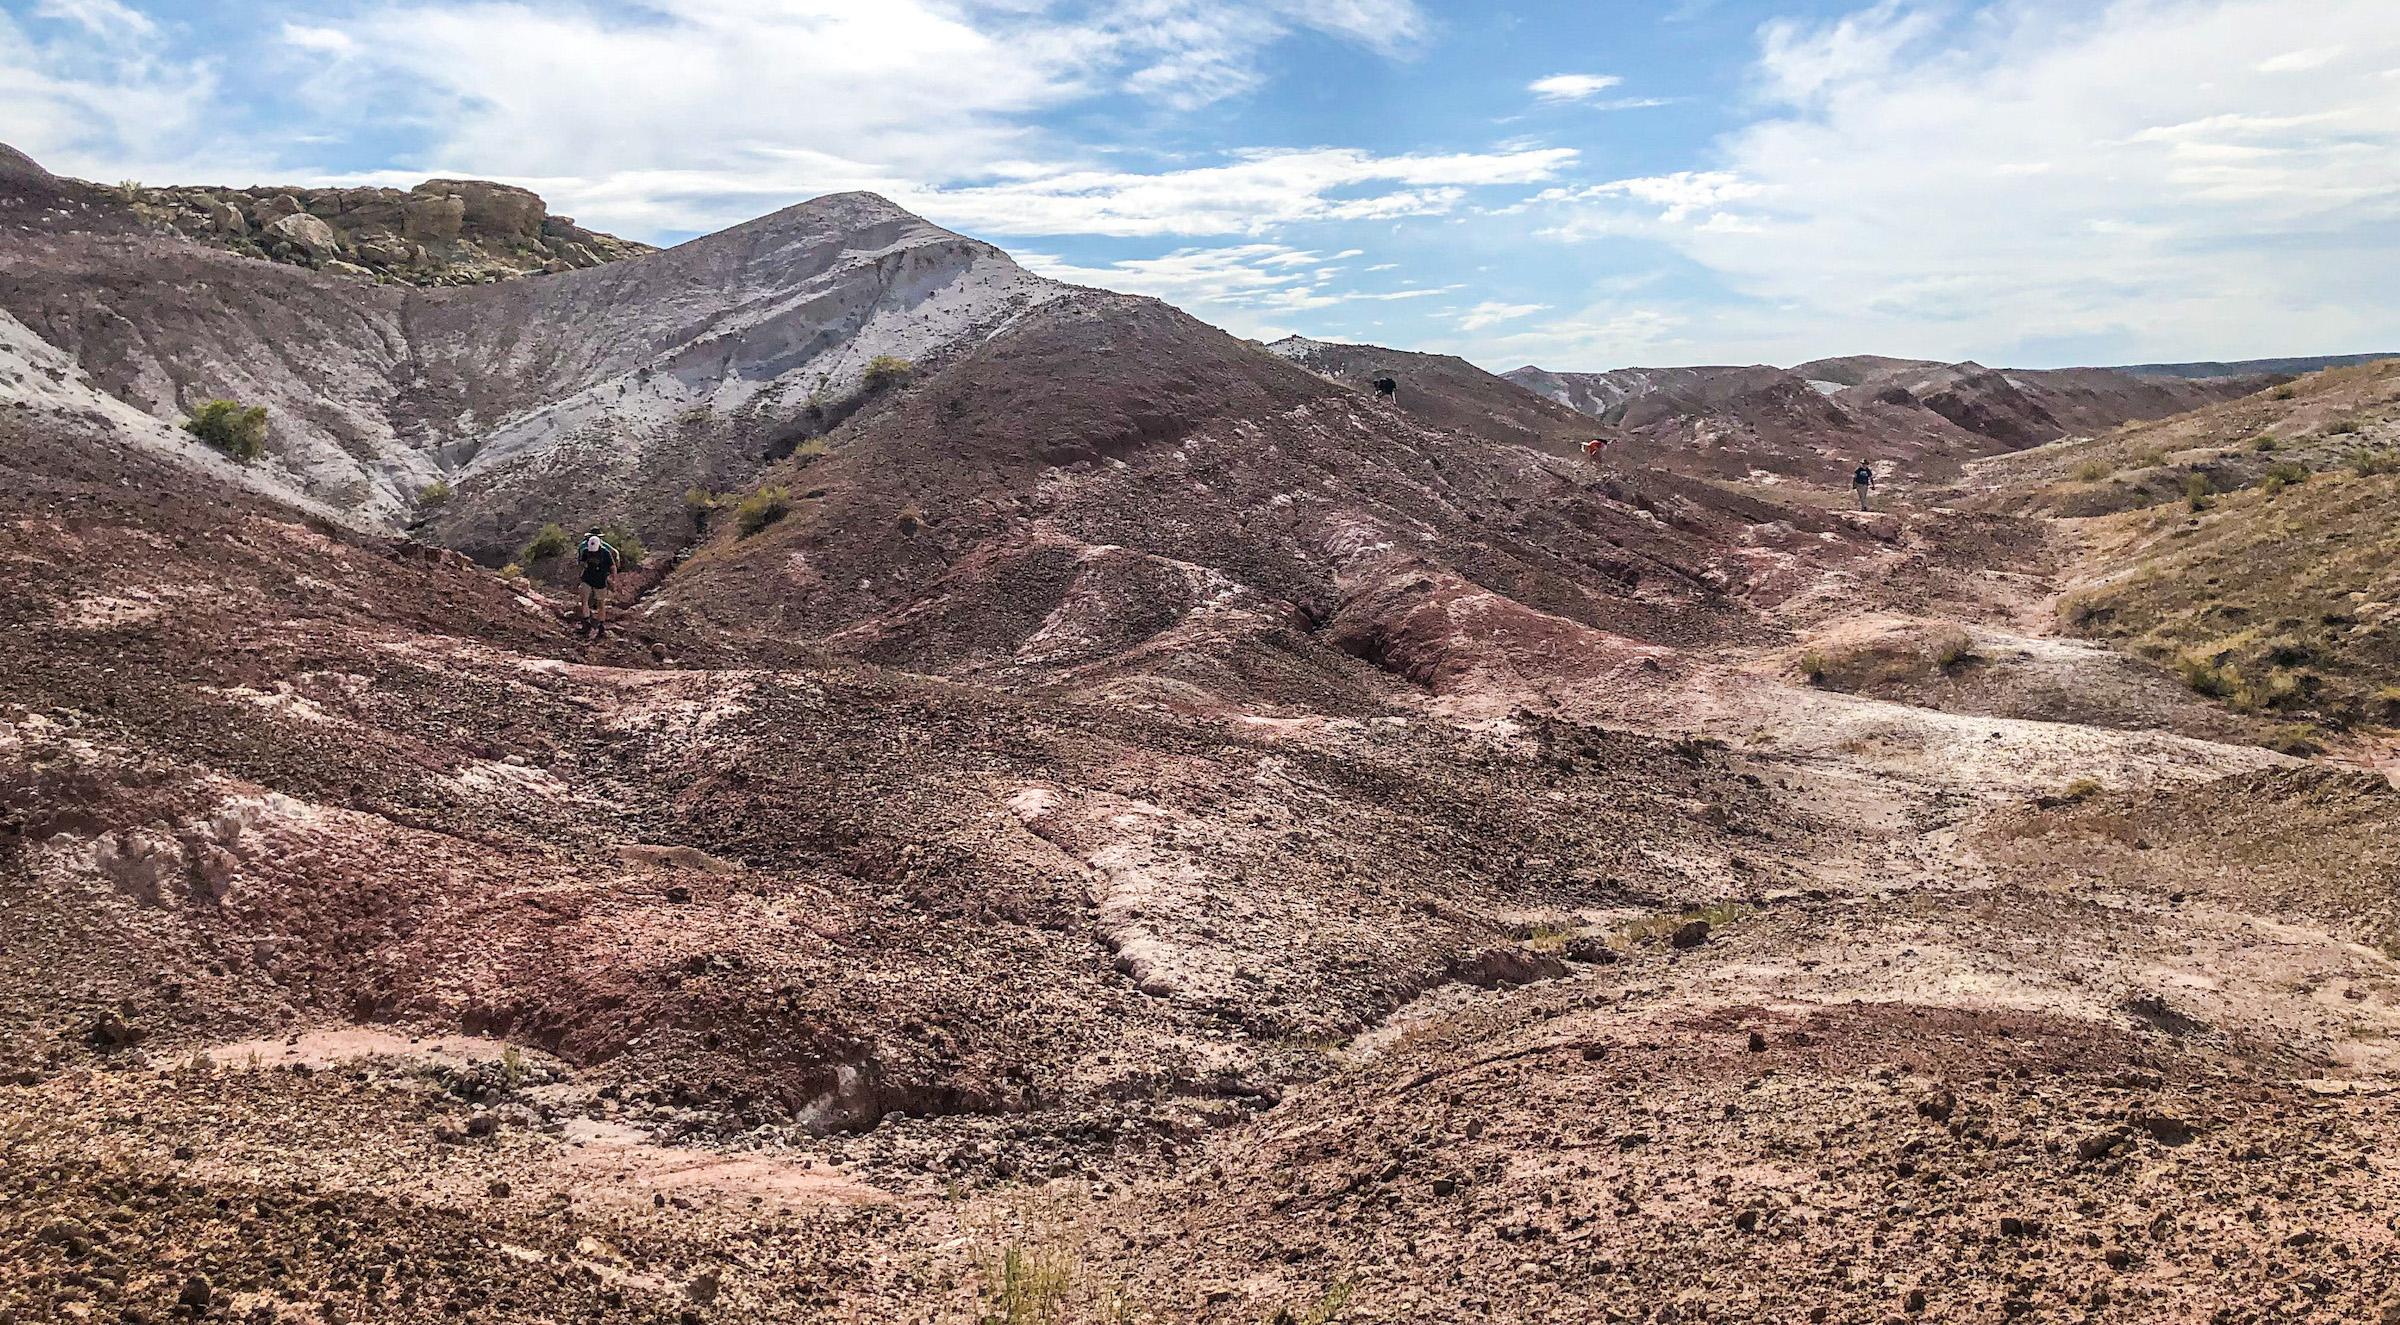 La formation de Morrison est célèbre pour ses fossiles du Jurassique tardif.